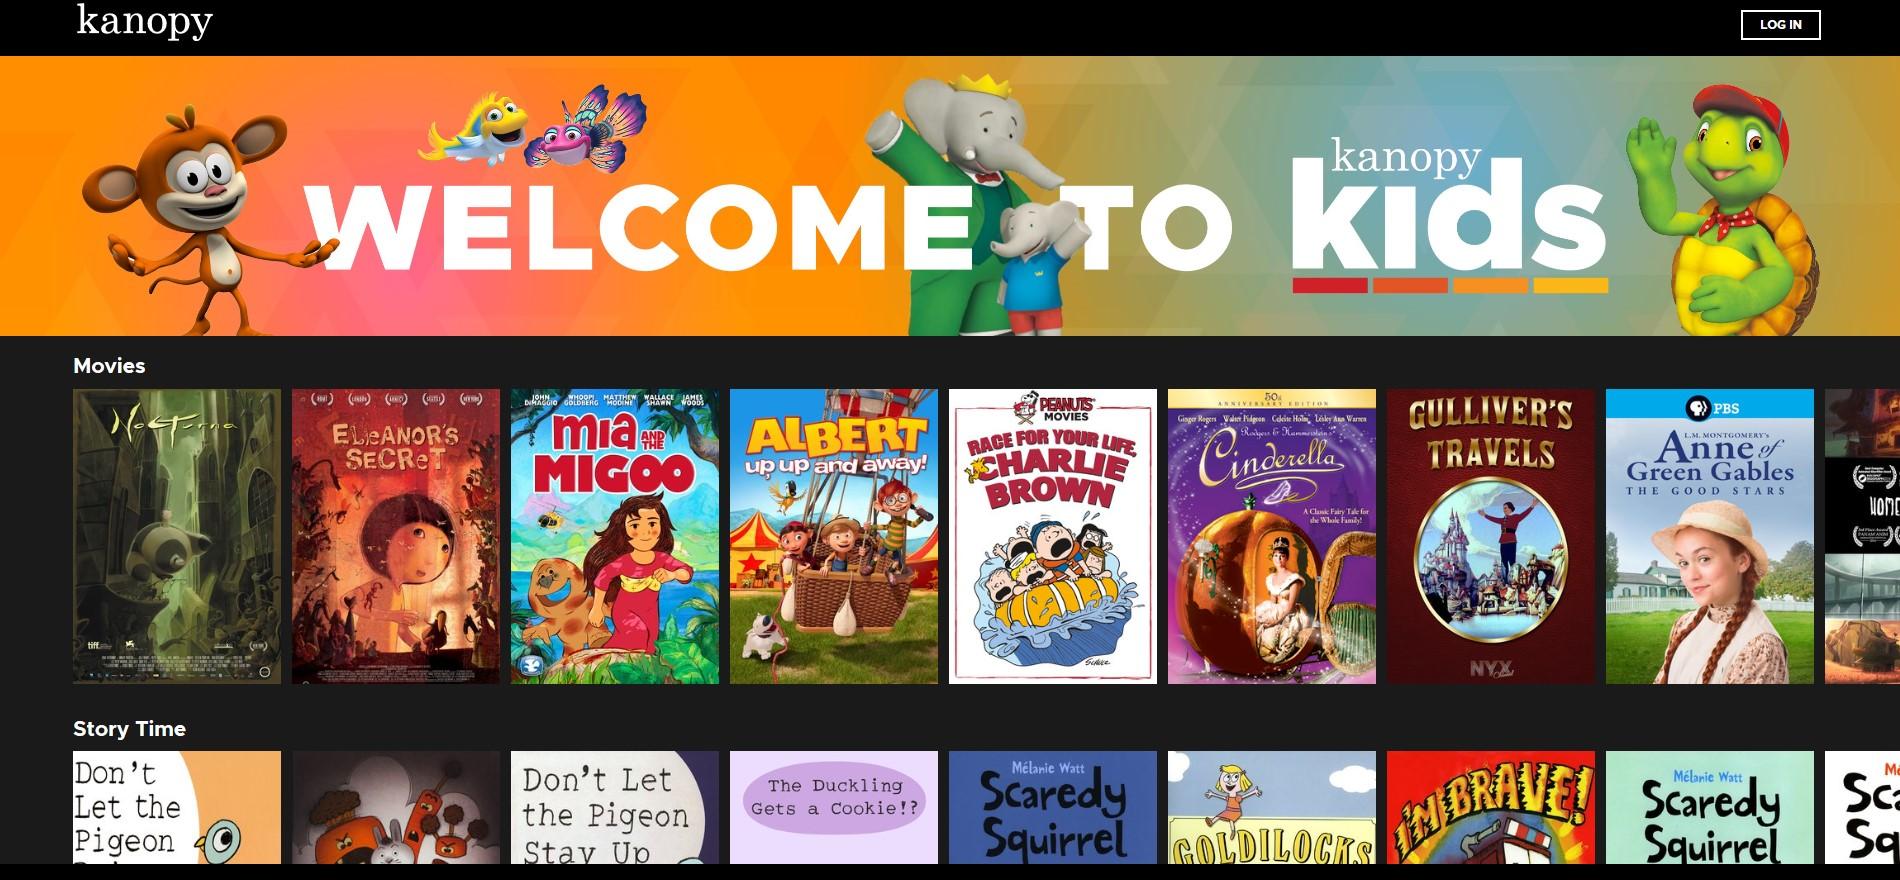 Обзор Kanopy: как ваша библиотечная карточка обеспечивает бесплатную трансляцию